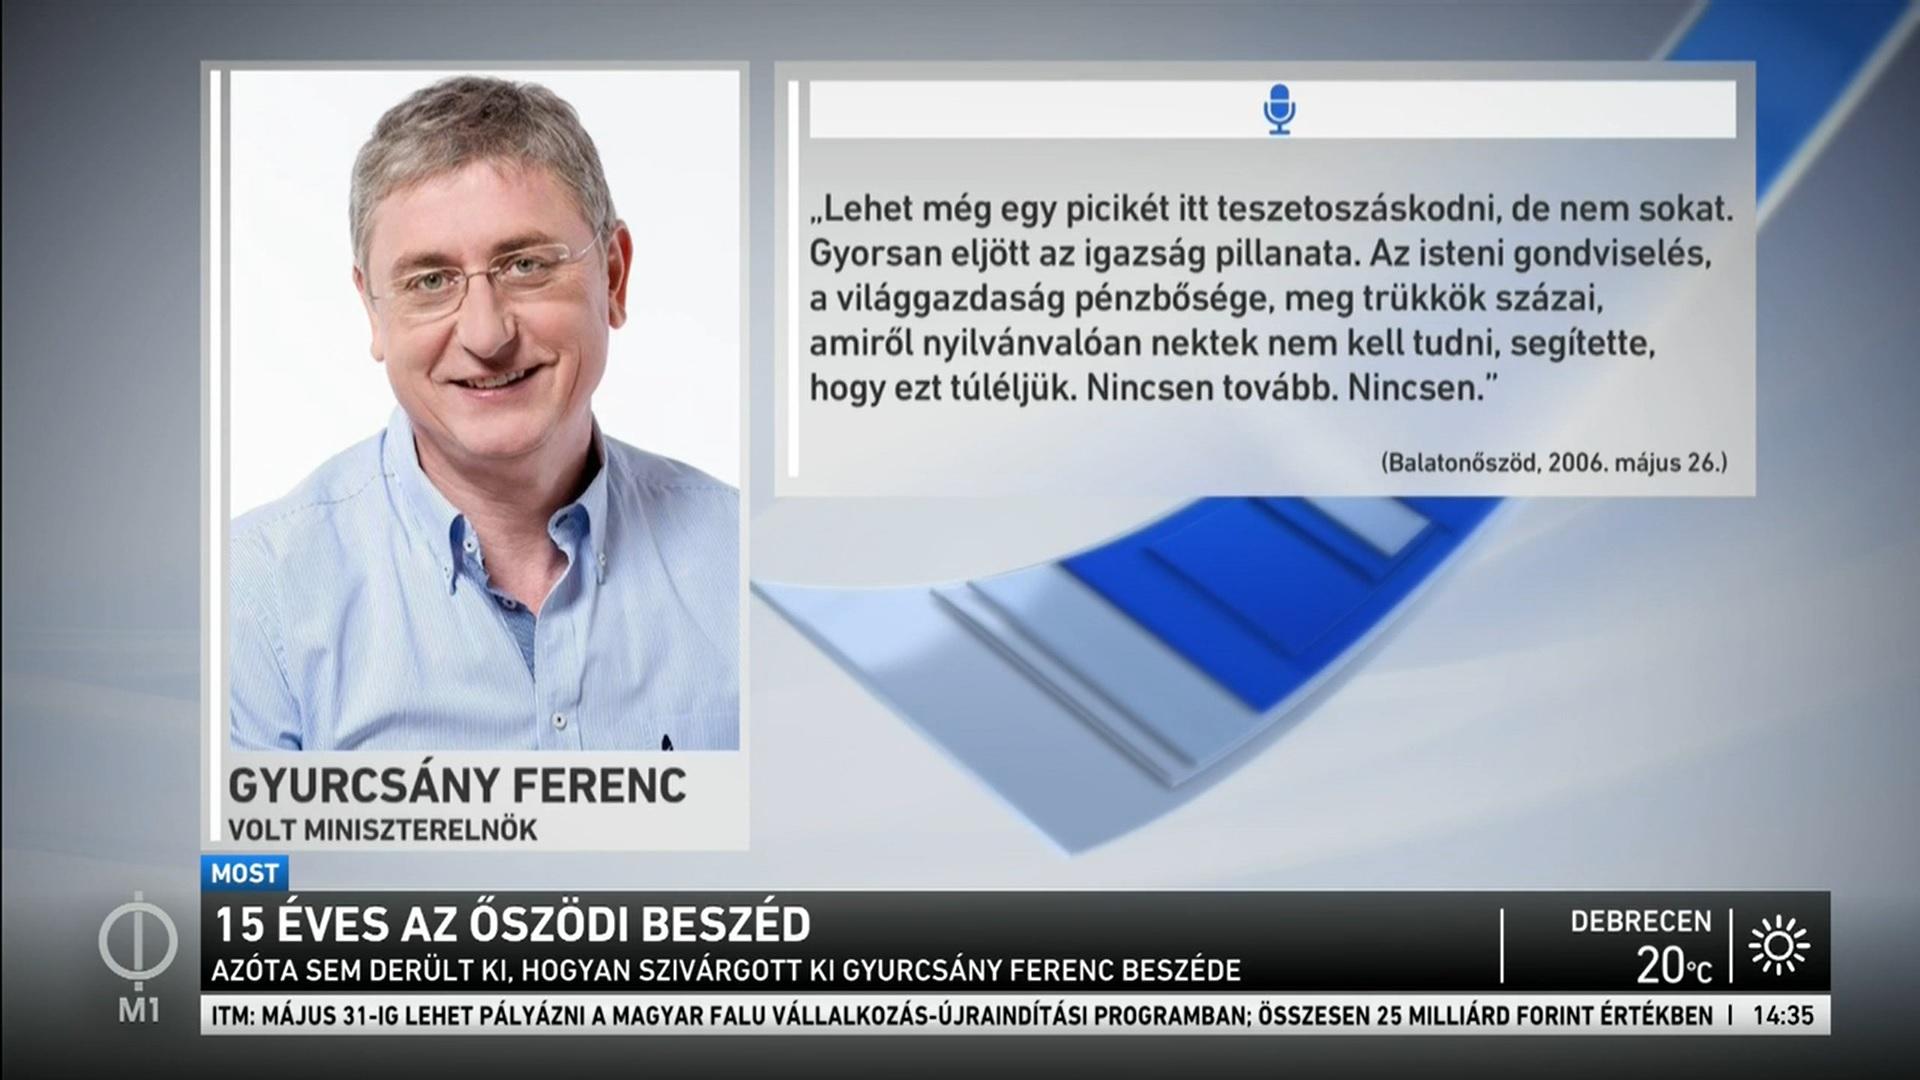 Gyurcsány, Deutsch és Orbán kommentel Orbán posztja alatt